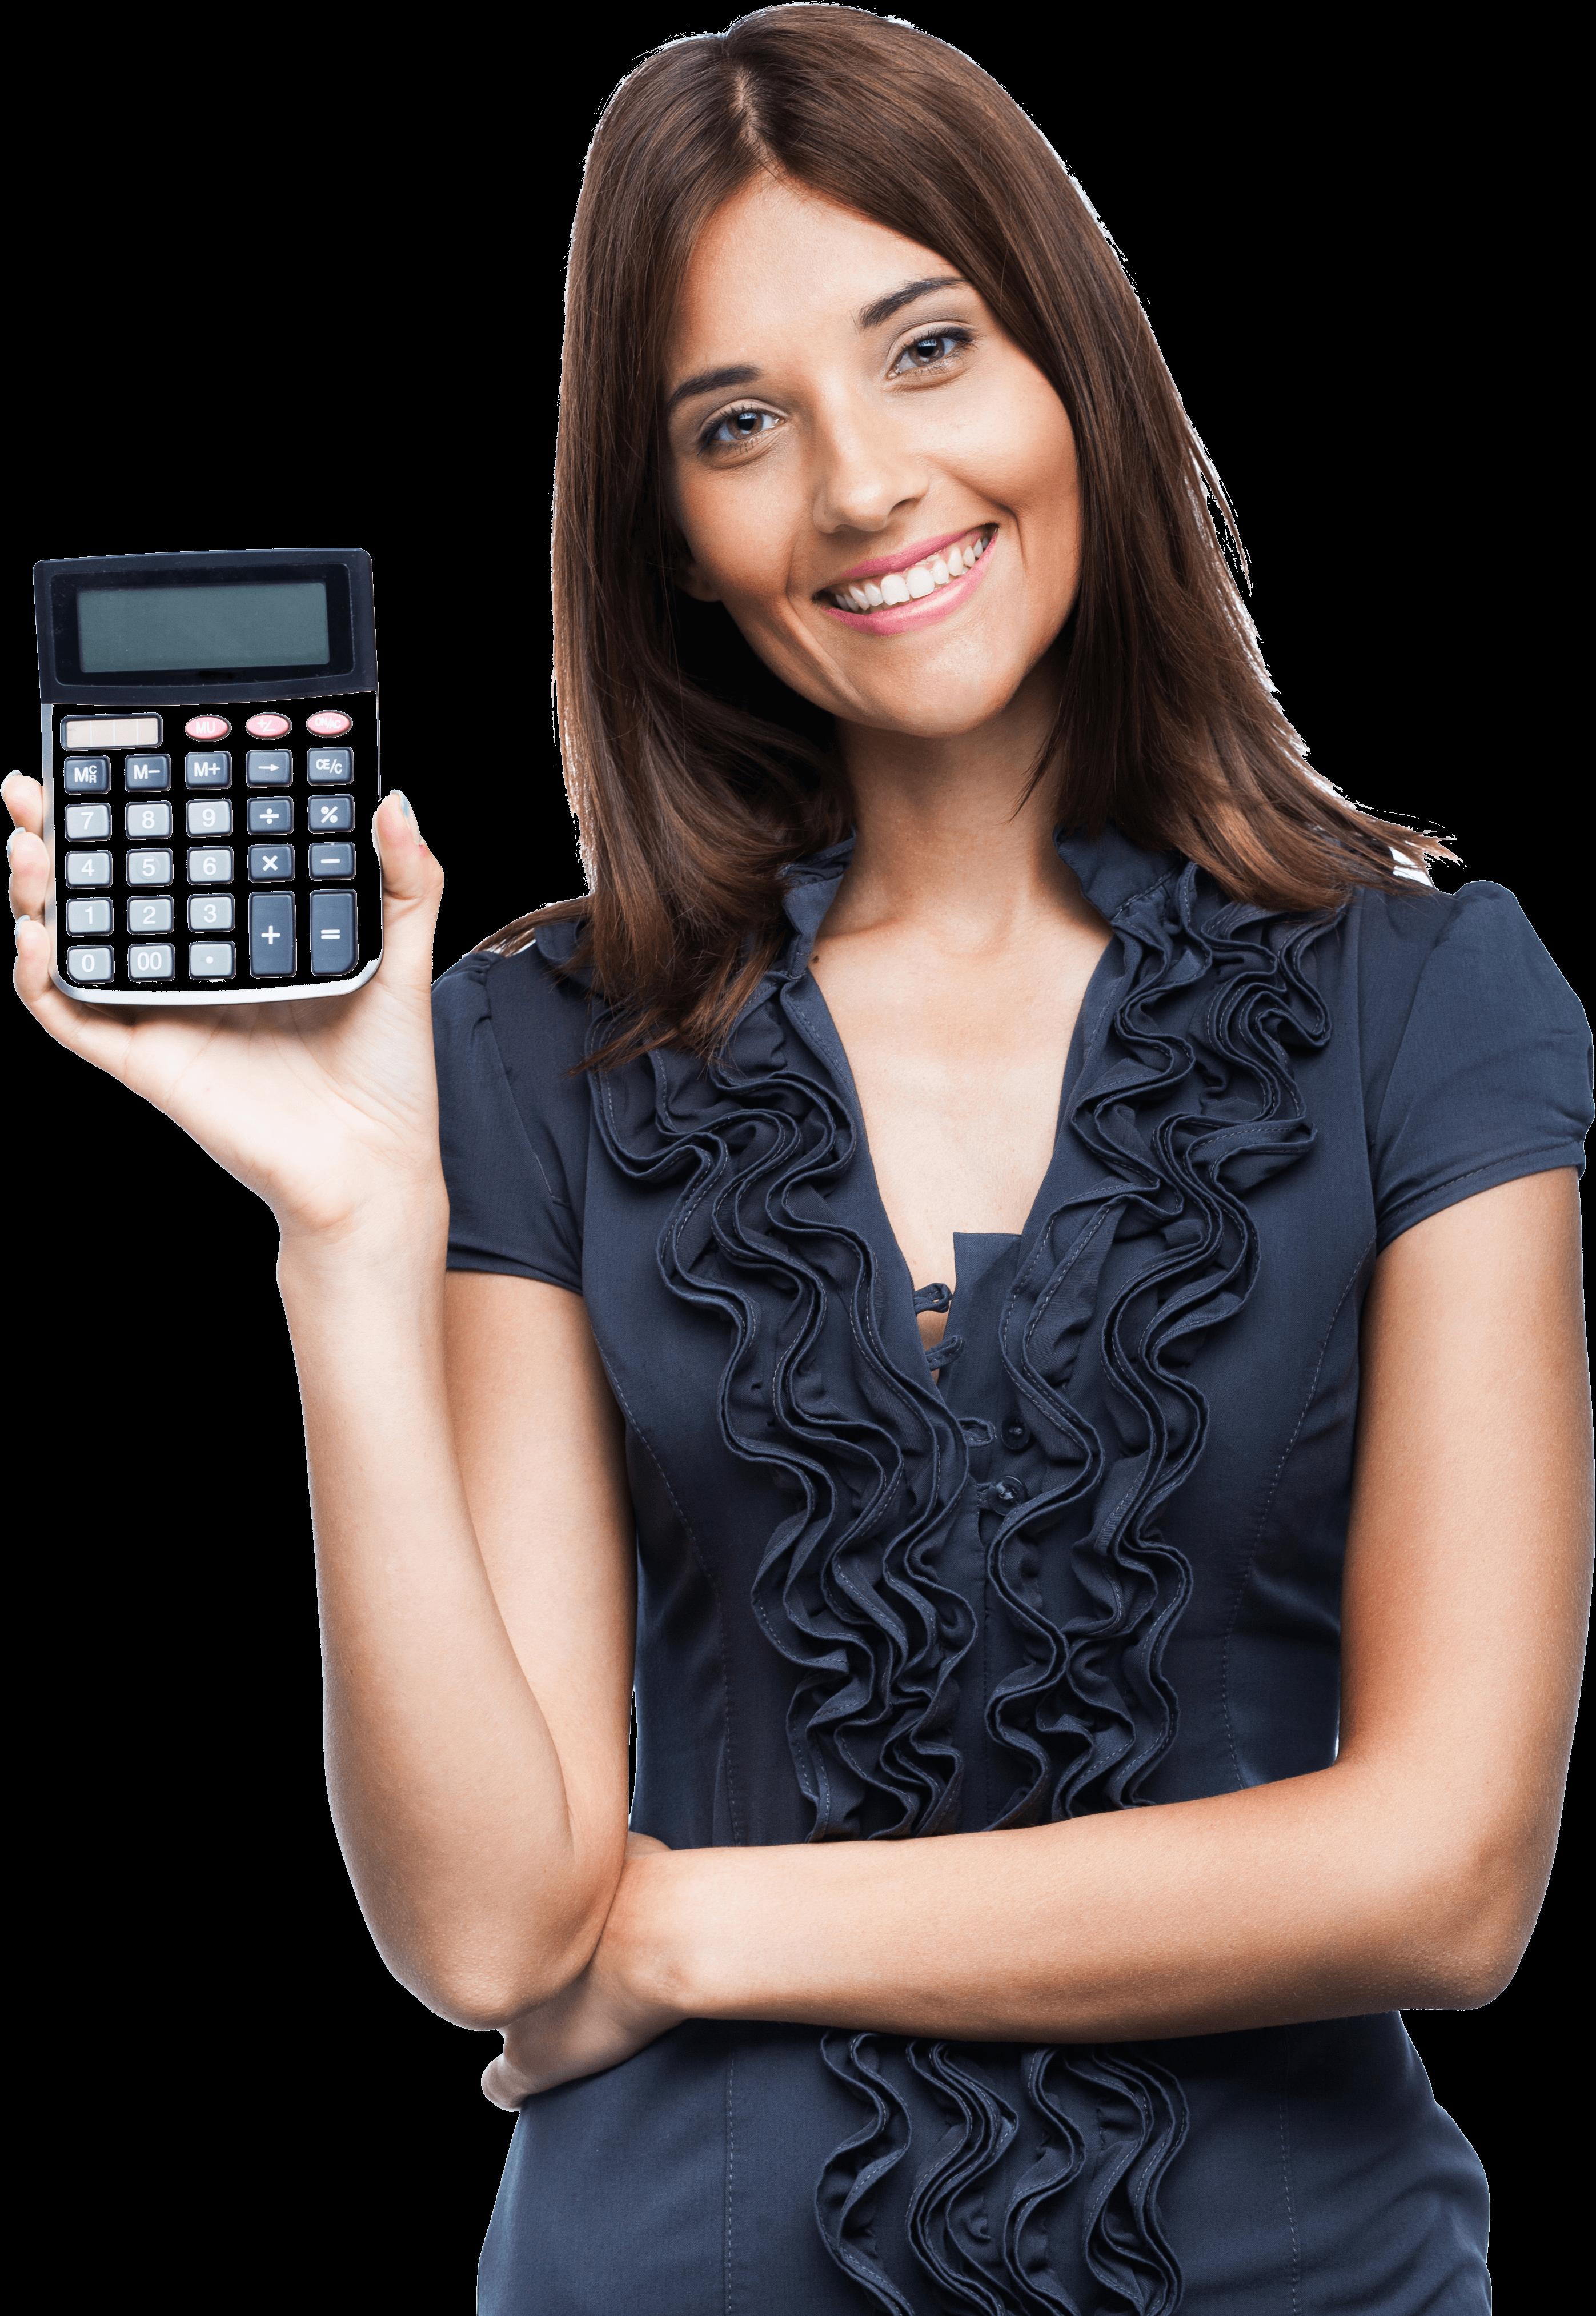 המספרים מדברים בעד עצמם - woman-with-calculator